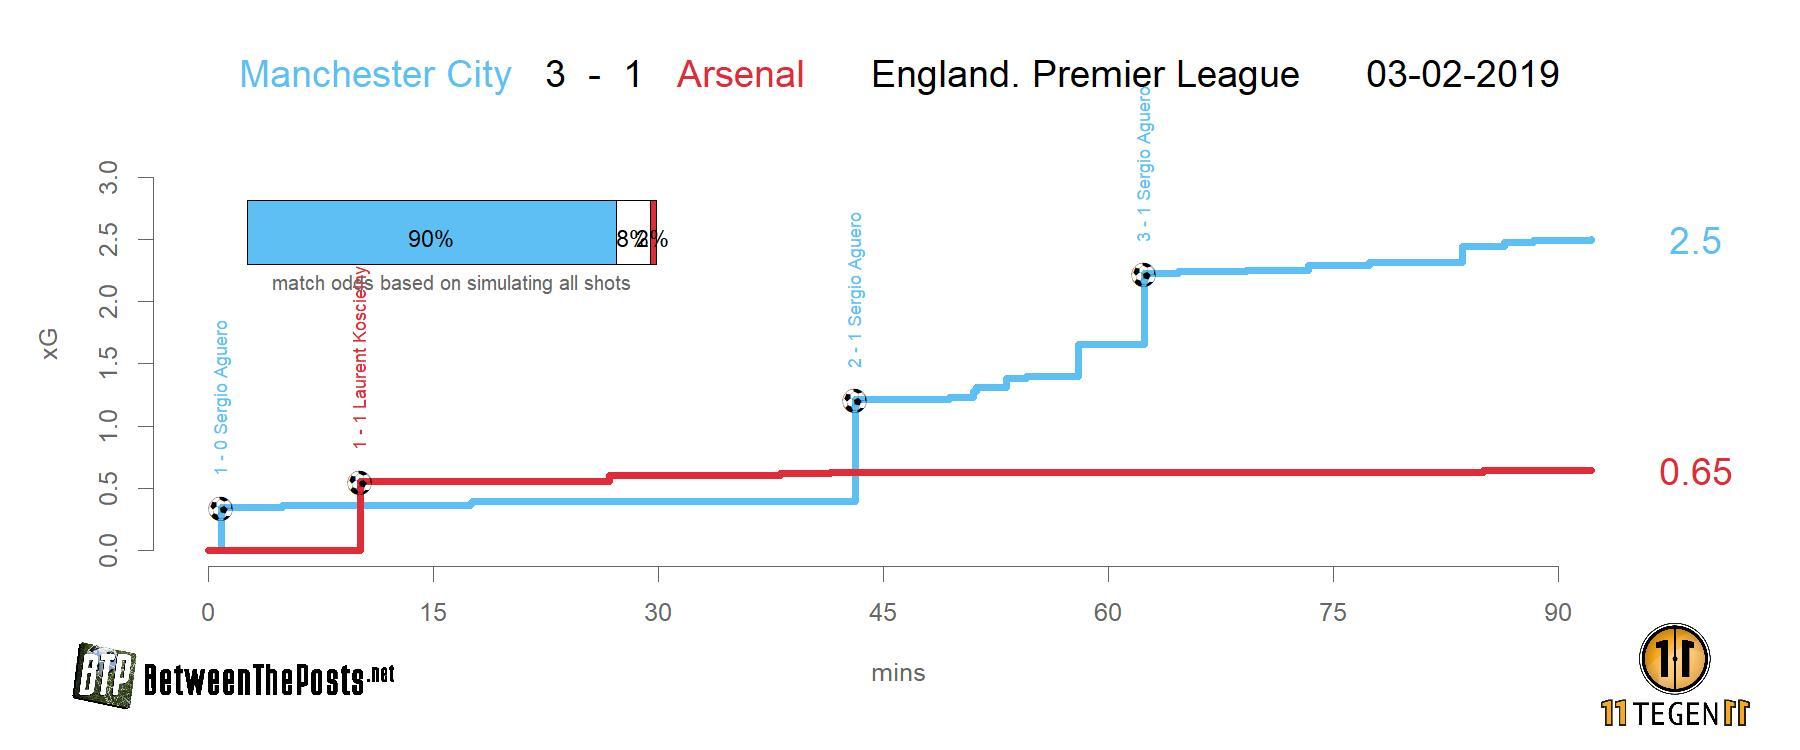 Expected goals plot Manchester City - Arsenal 3-1 Premier League